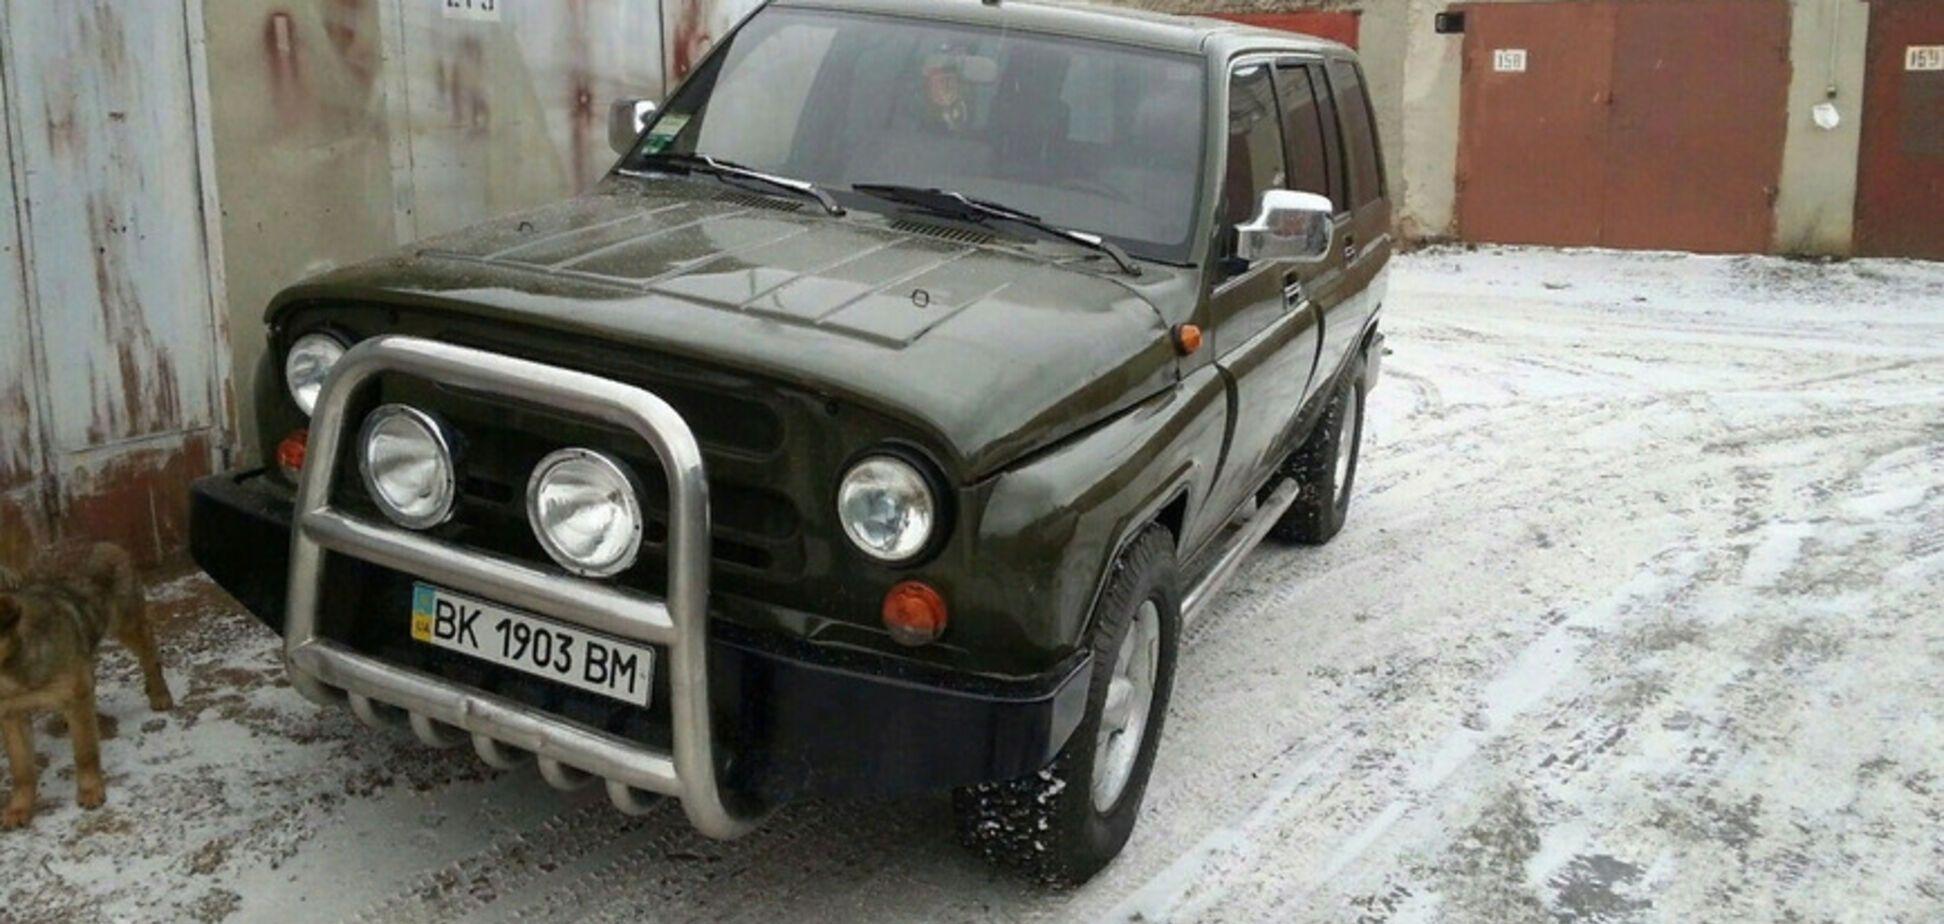 Українець невідомо чому переробив Opel на УАЗ. Фото